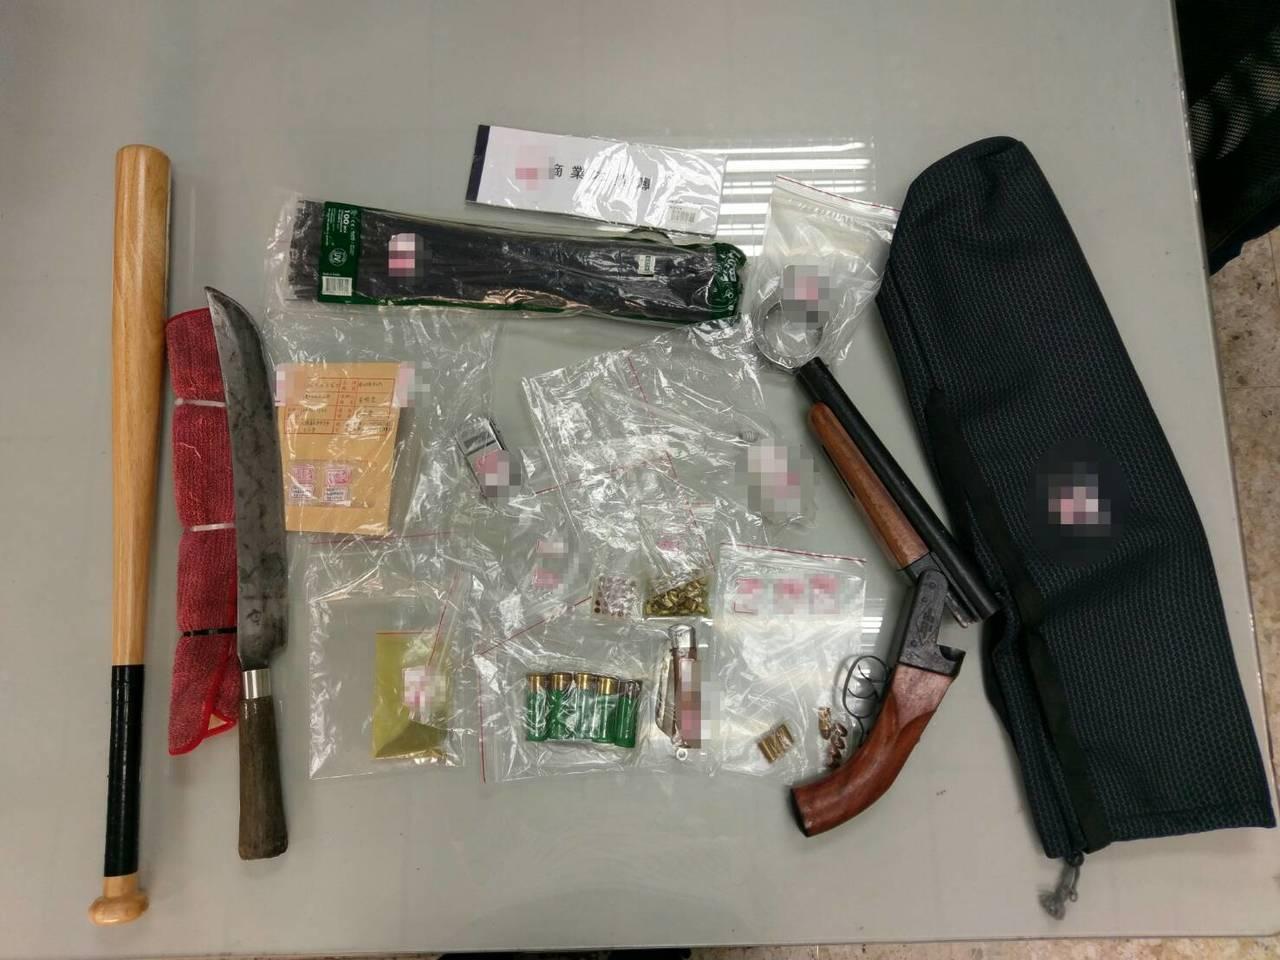 警方在車上查到毒品、霰彈槍等物品。記者劉星君/翻攝